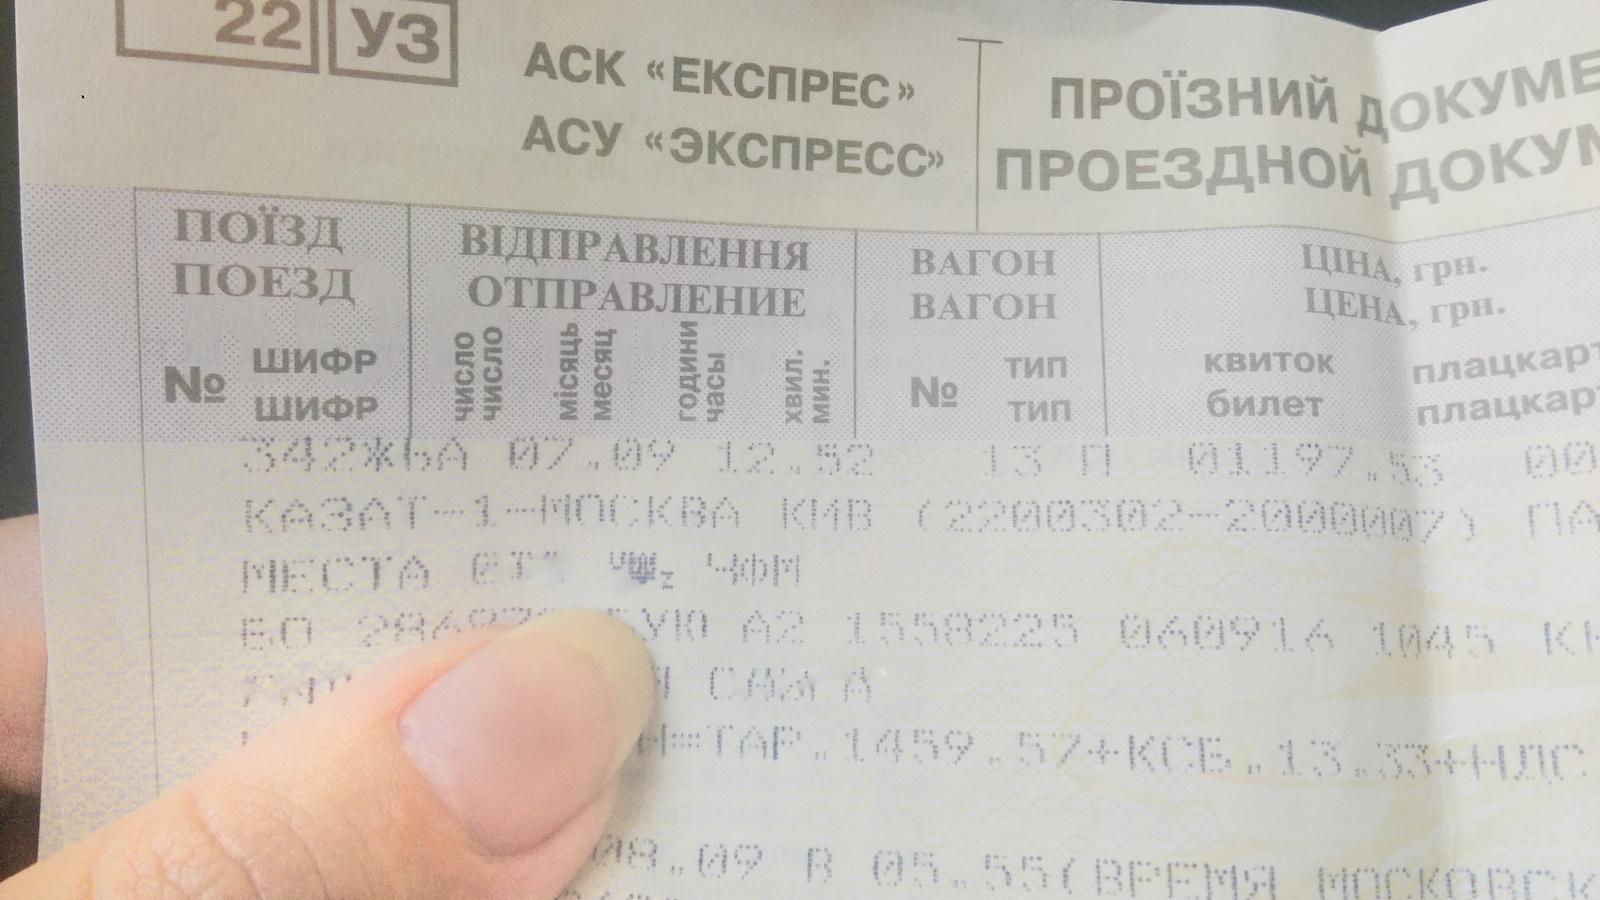 Билет на самолет из москвы до кишинева тамбов самолет расписание цена билета